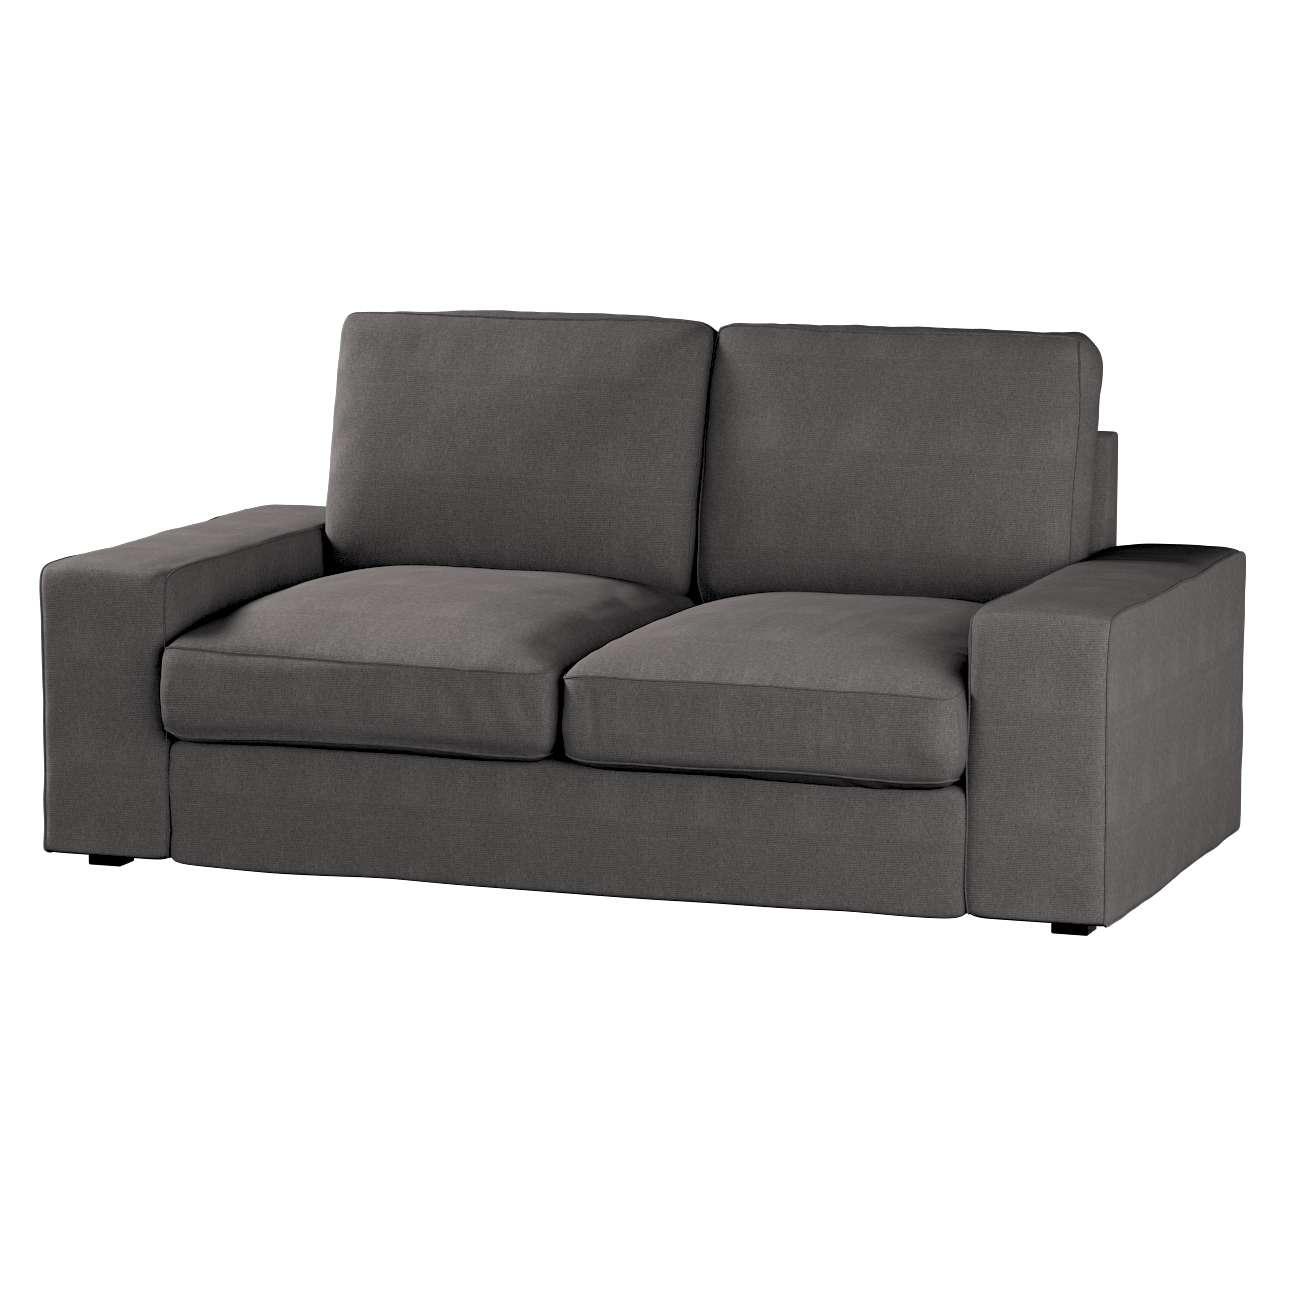 Pokrowiec na sofę Kivik 2-osobową, nierozkładaną w kolekcji Etna , tkanina: 705-35